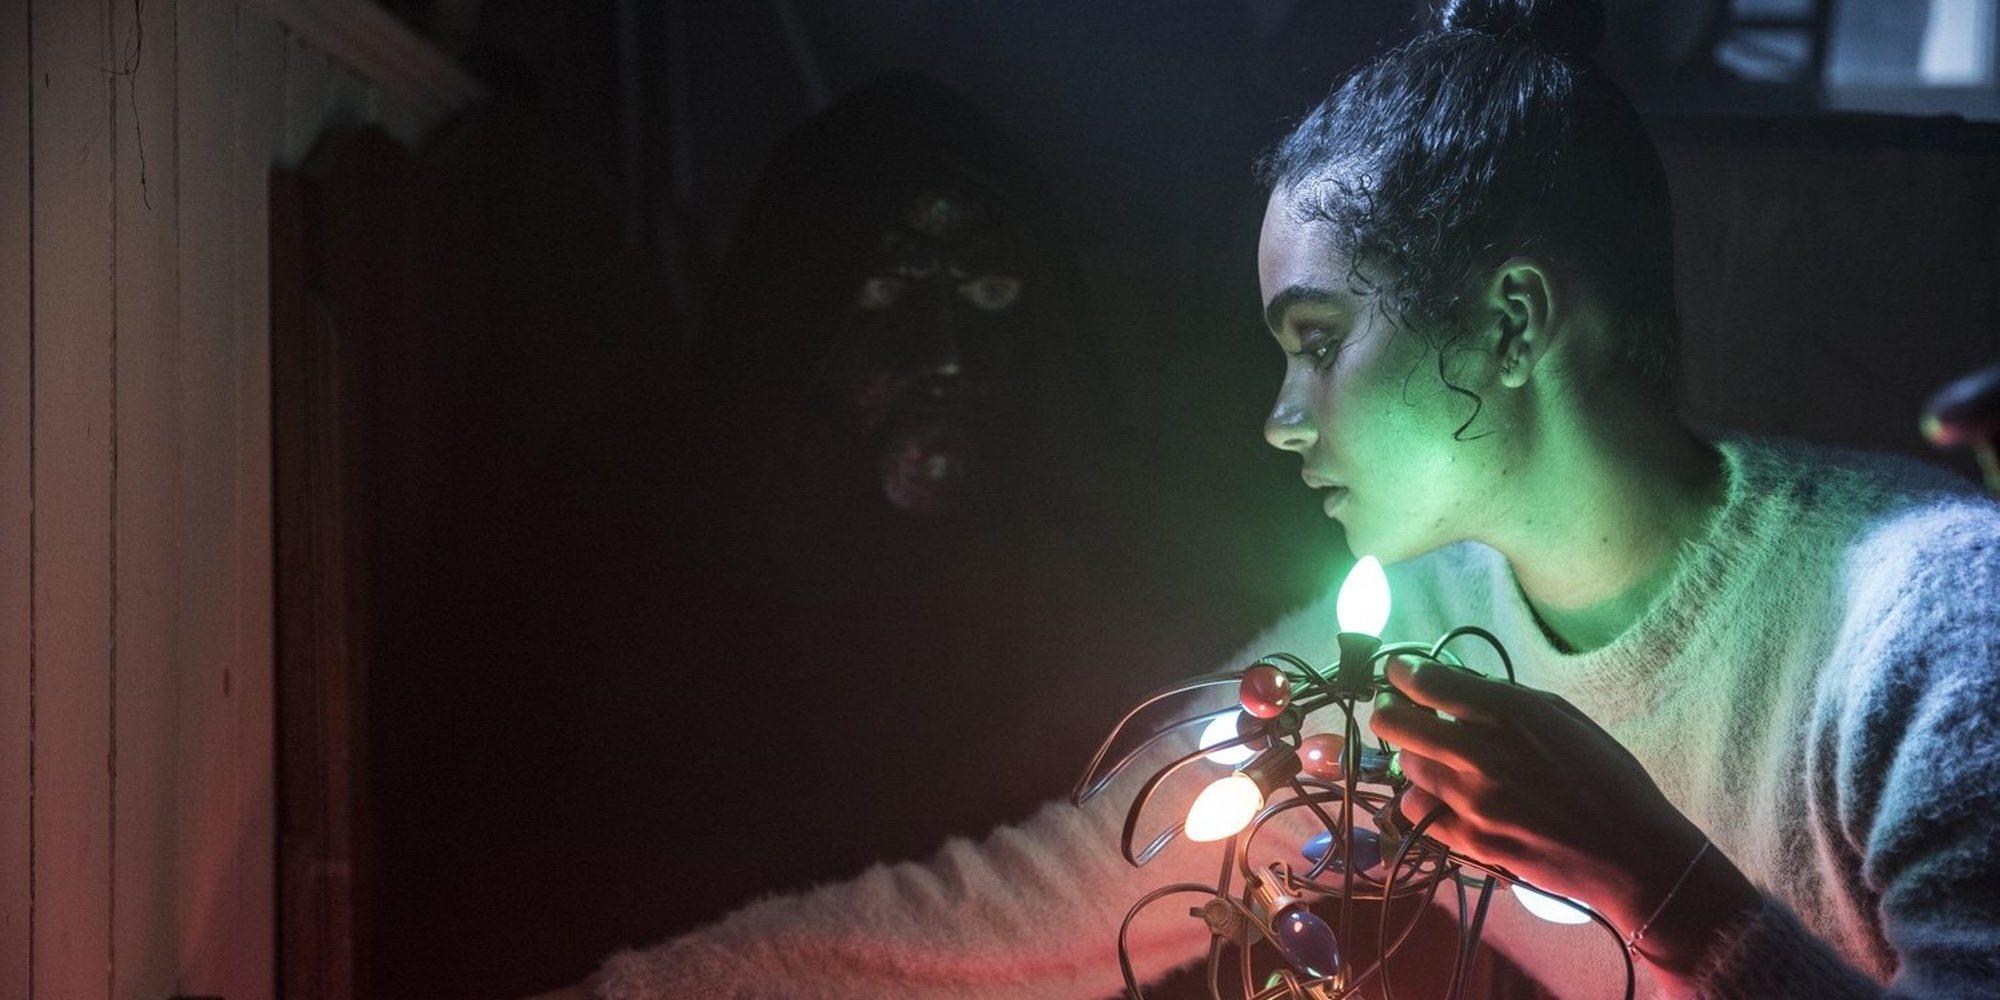 'Jumanji: Siguiente nivel' y 'Navidad sangrienta', los estrenos más destacados de la semana